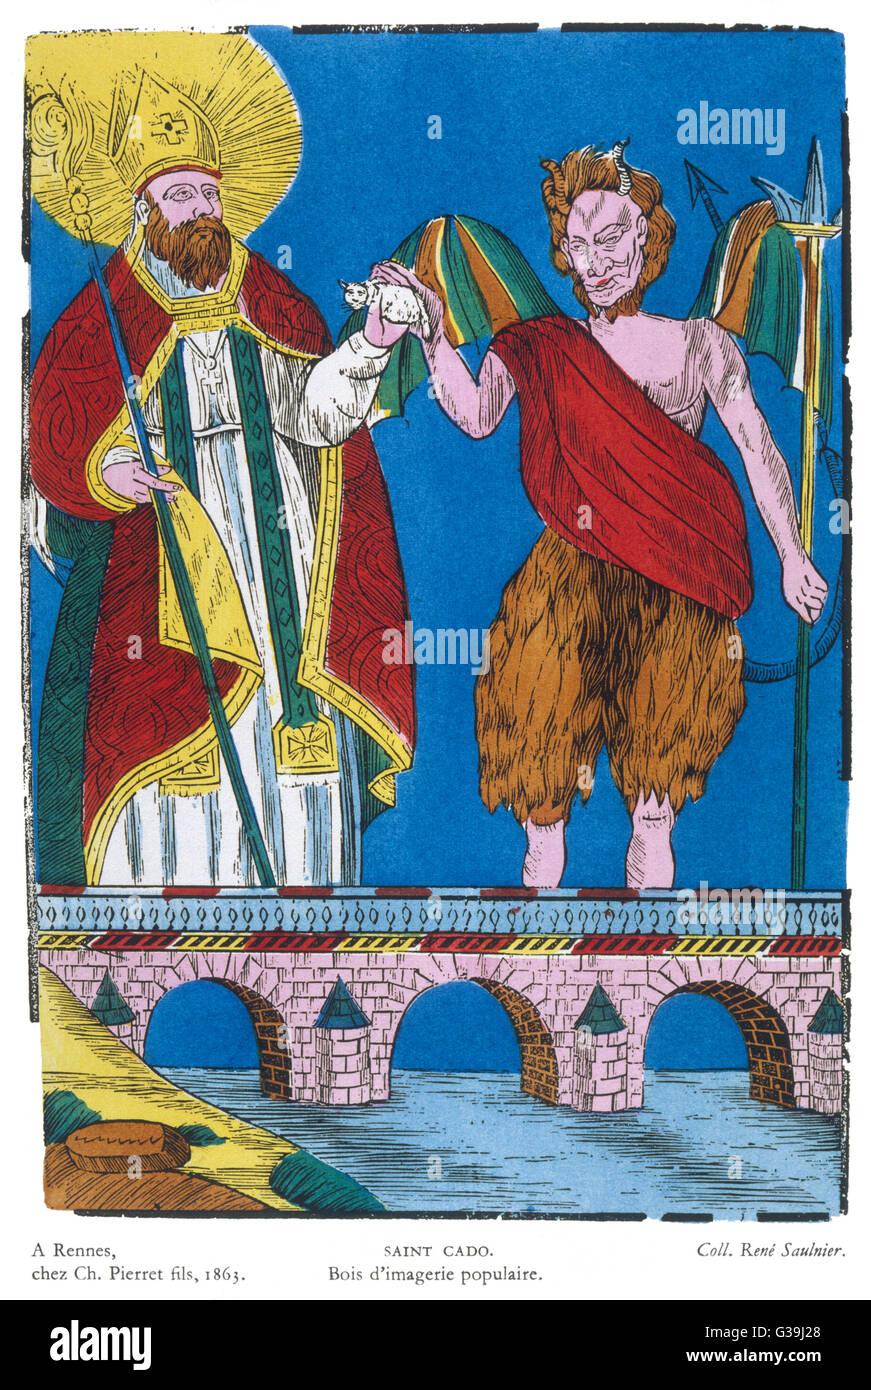 Il bene e il male sono rappresentati da St Cado e il diavolo, rispettivamente Immagini Stock